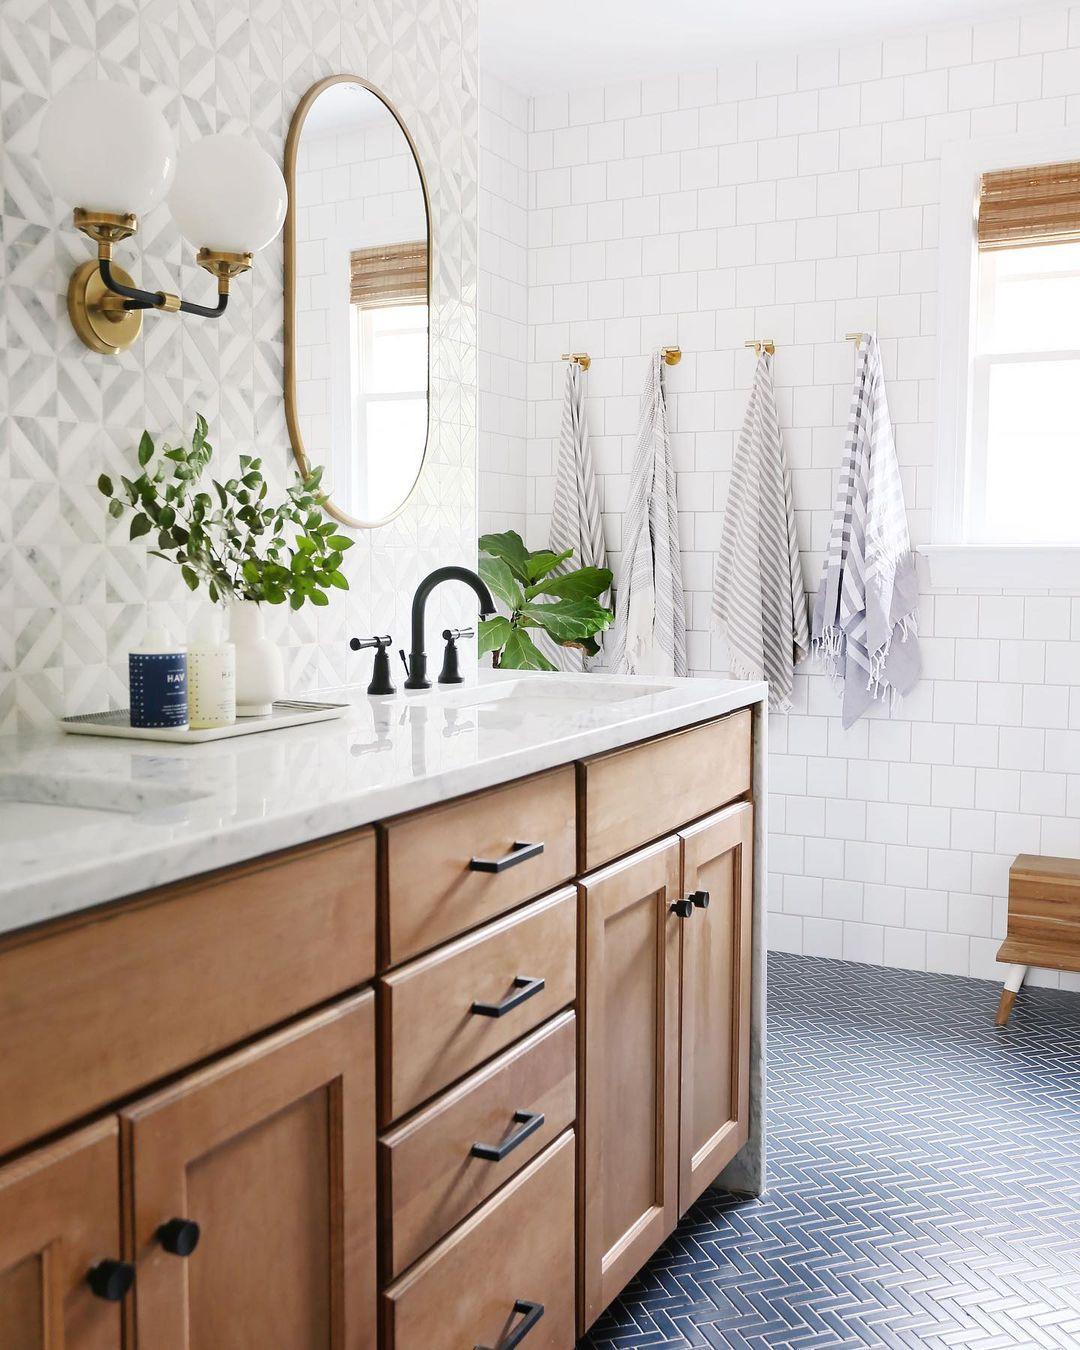 2021's Trending Bathroom Designs - The Cabinet Doctors